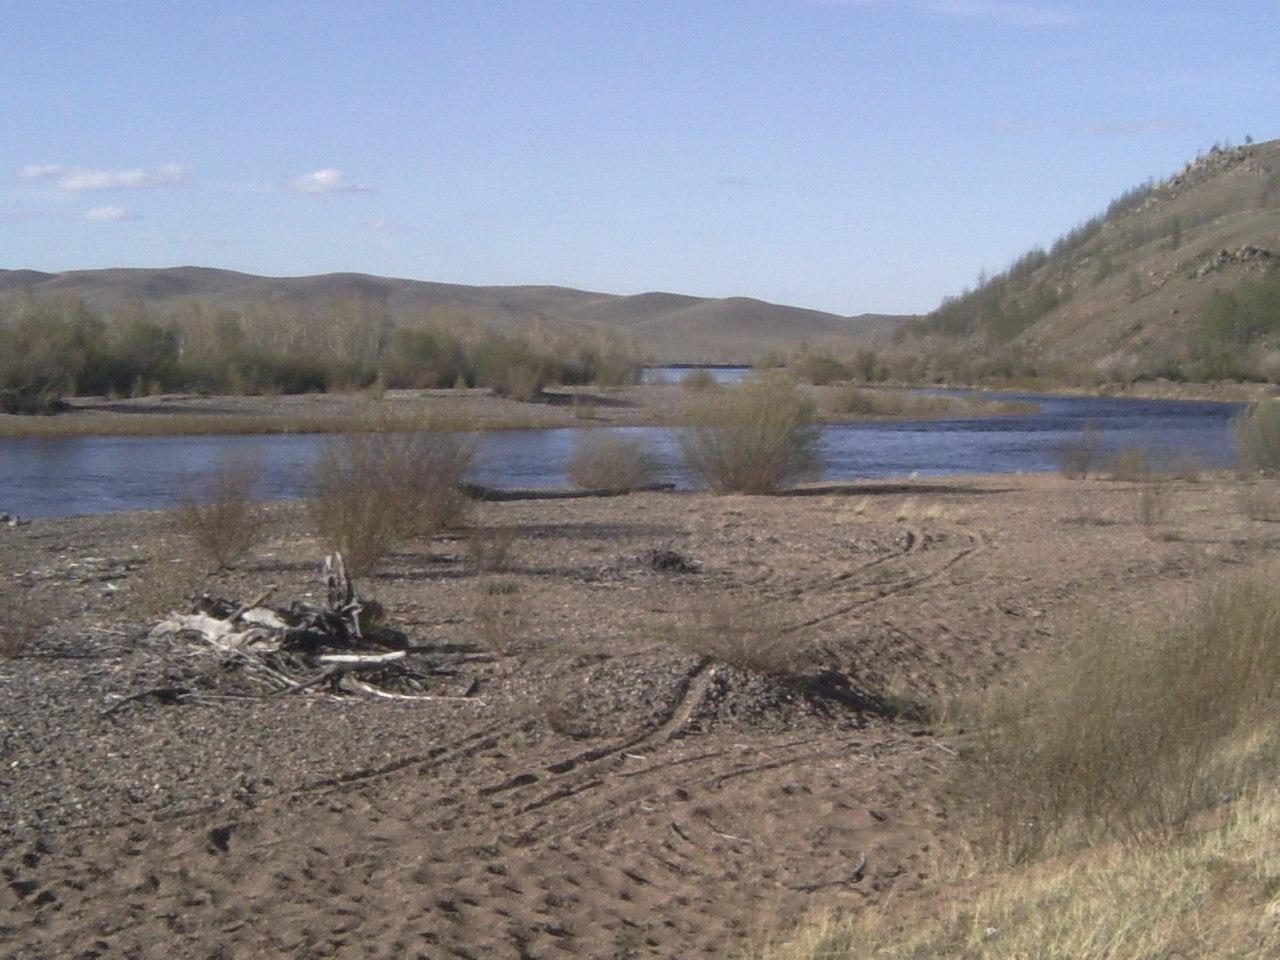 オノン川上流、チンギス・ハーンの生誕地と伝えられる場所